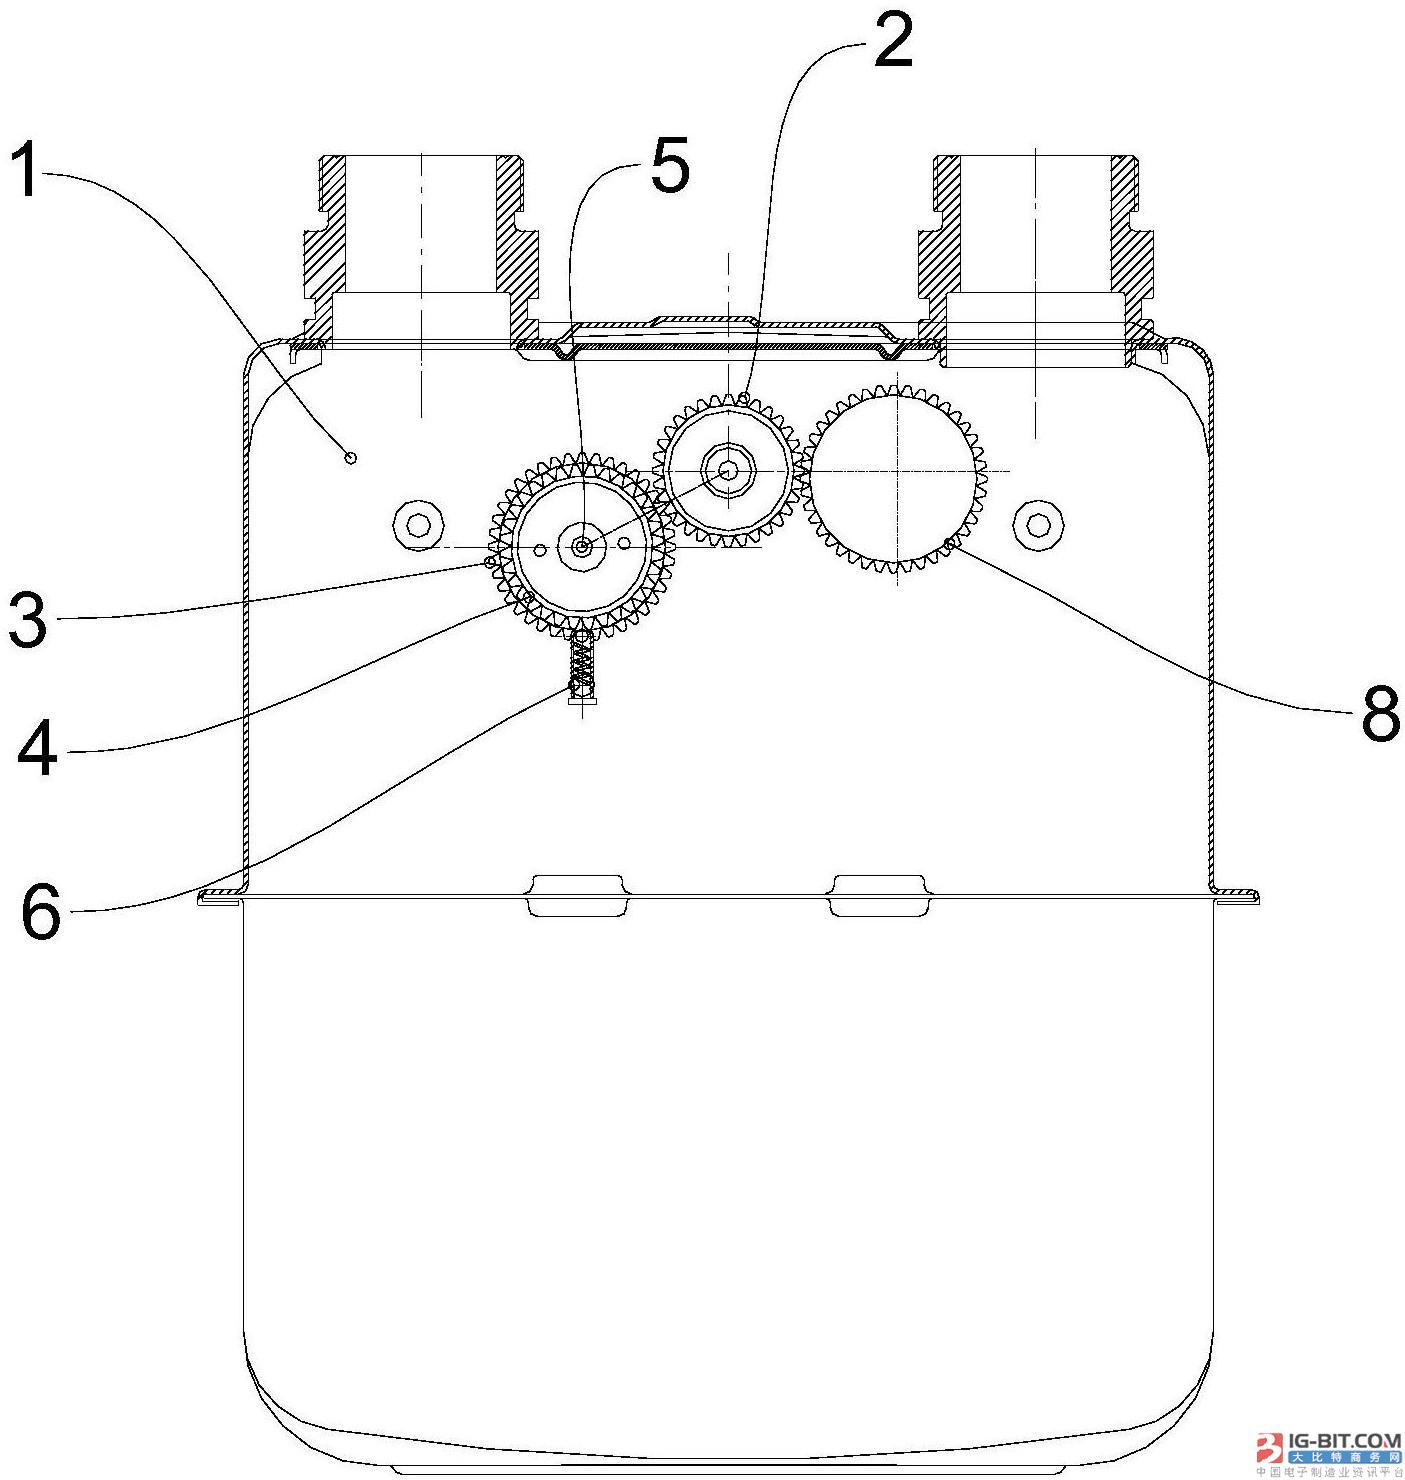 【仪表专利】一种燃气表计数机构及燃气表